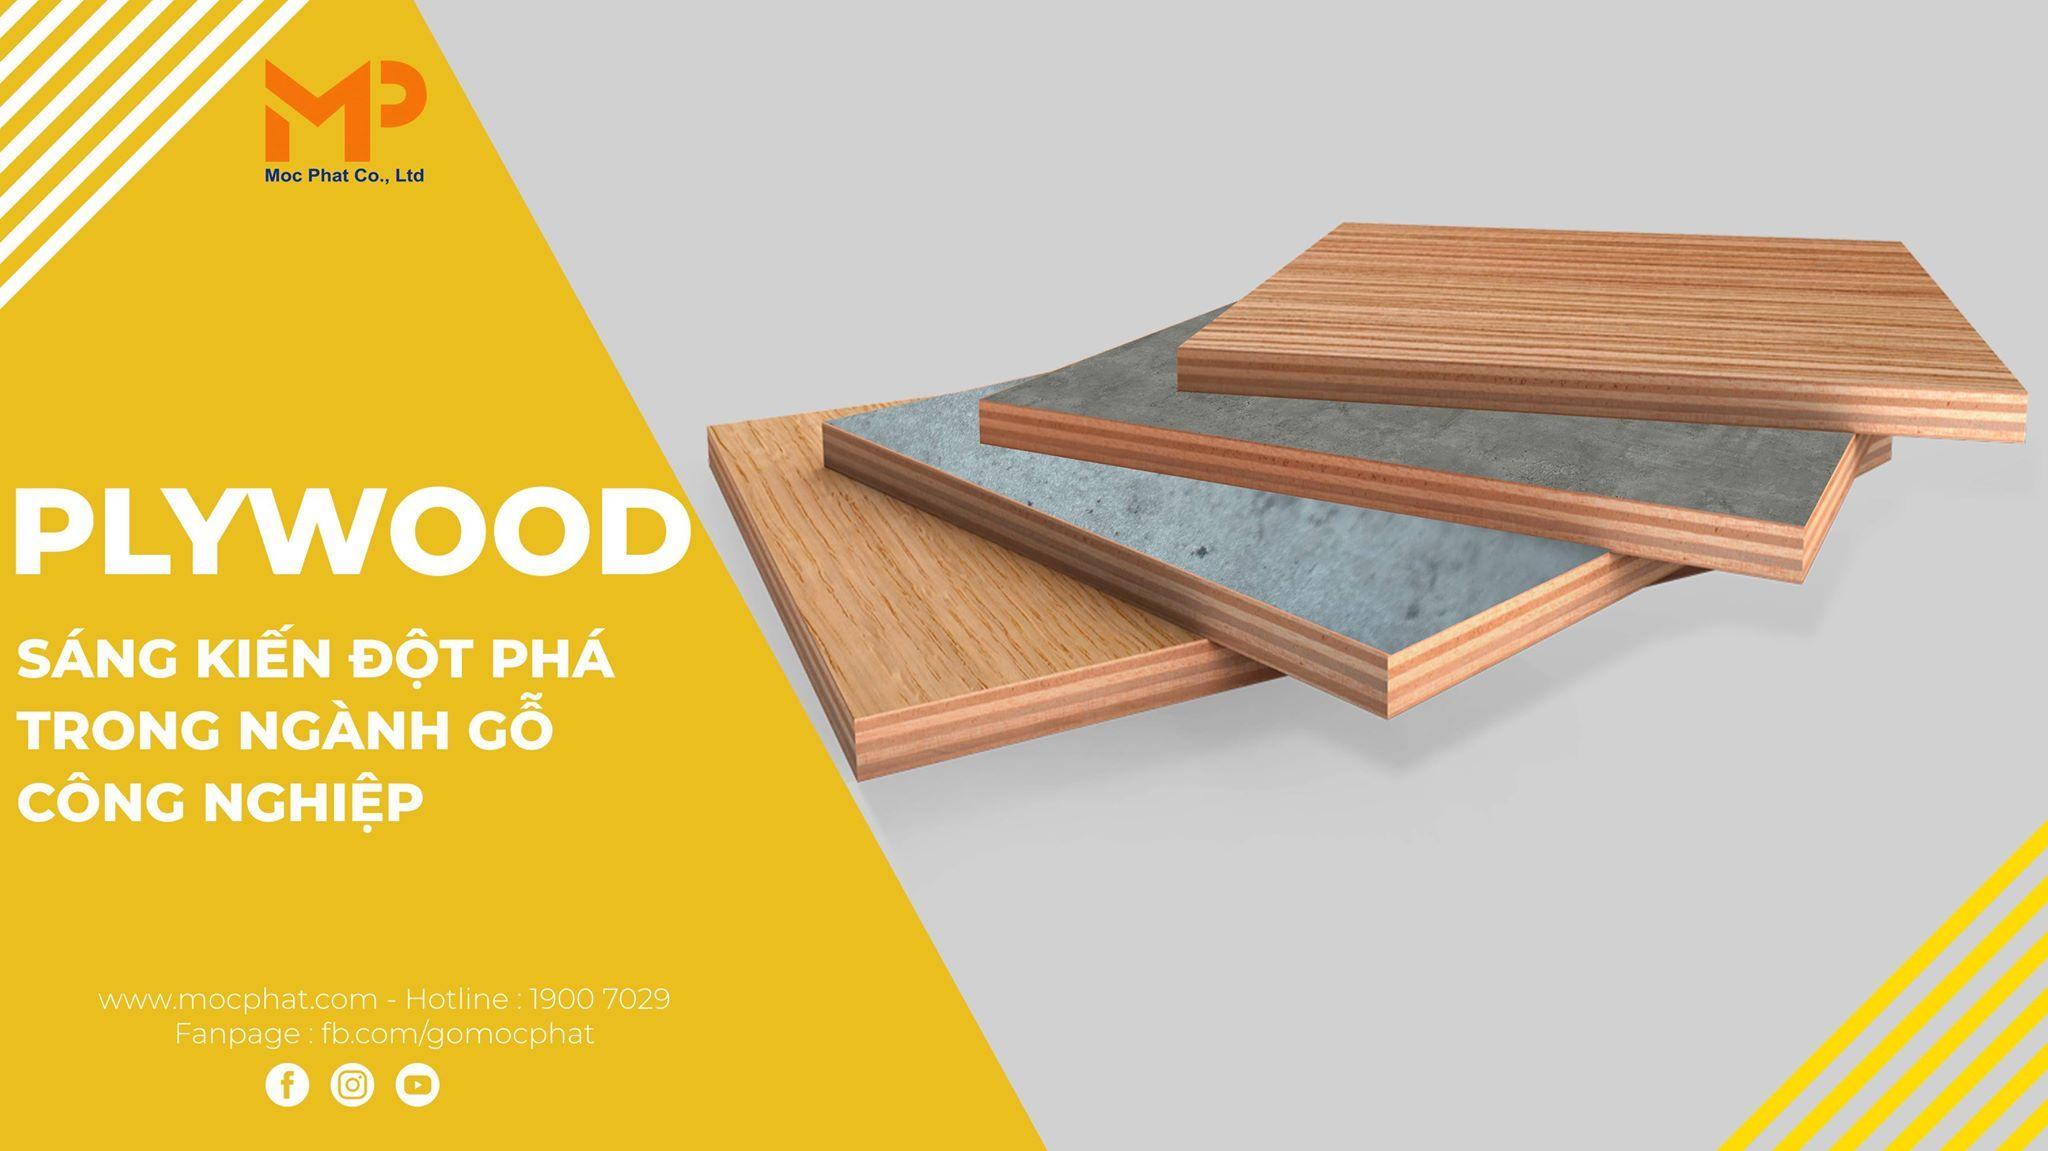 Ván ép (Plywood) chịu nước phủ Melamine: Sáng kiến thông minh trong ngành gỗ công nghiệp